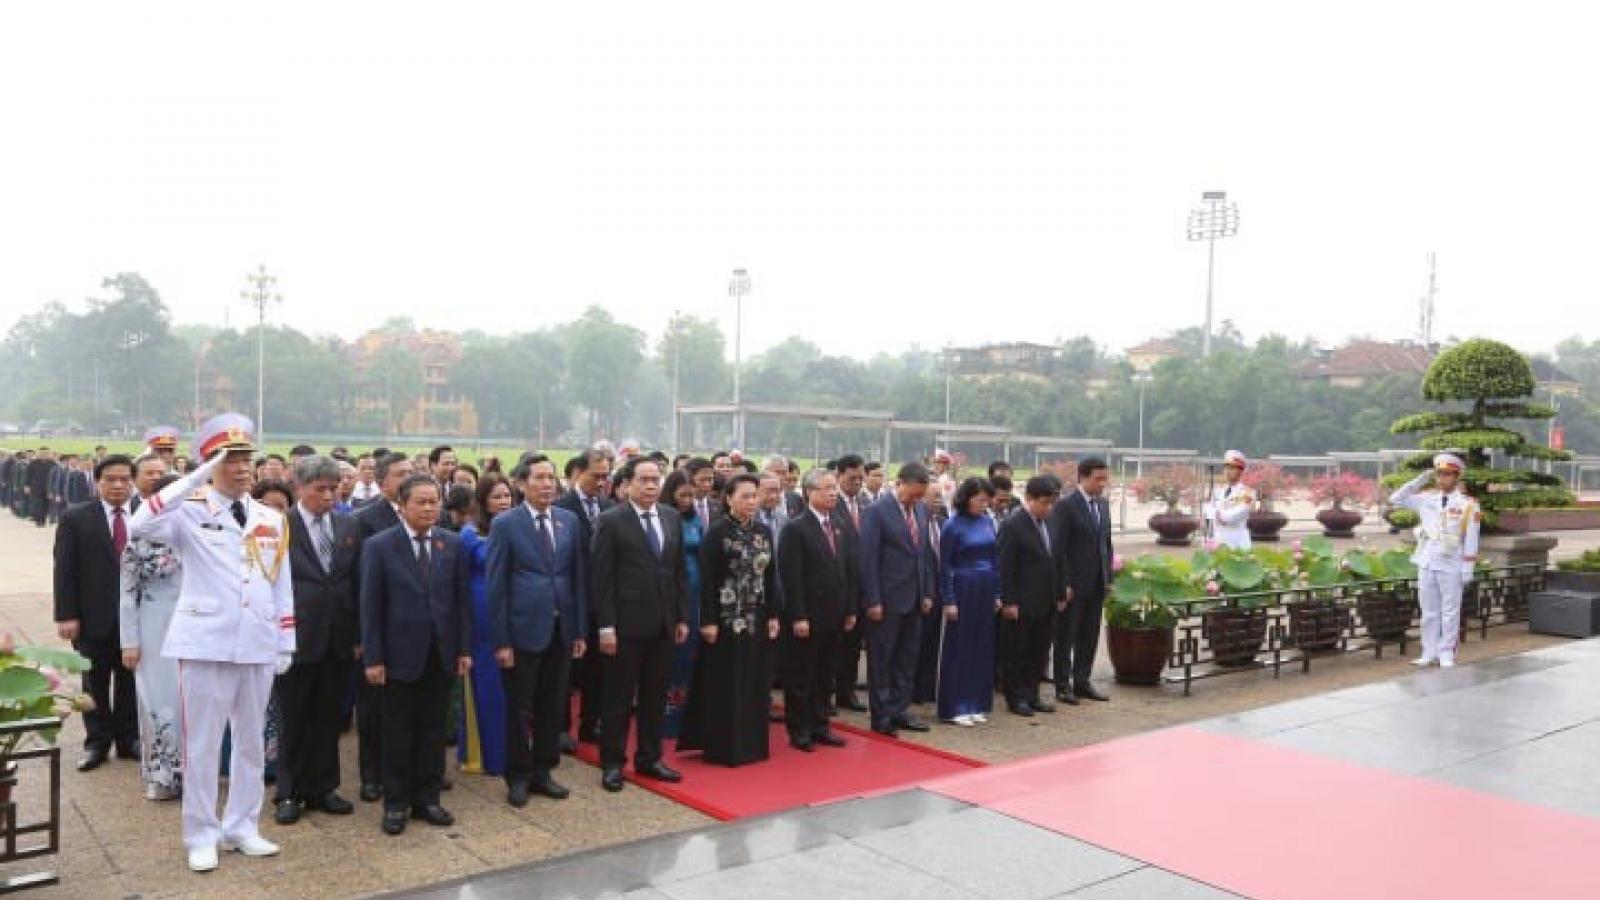 Lãnh đạo Đảng, Nhà nước, đại biểu Quốc hội vào Lăng viếng Bác